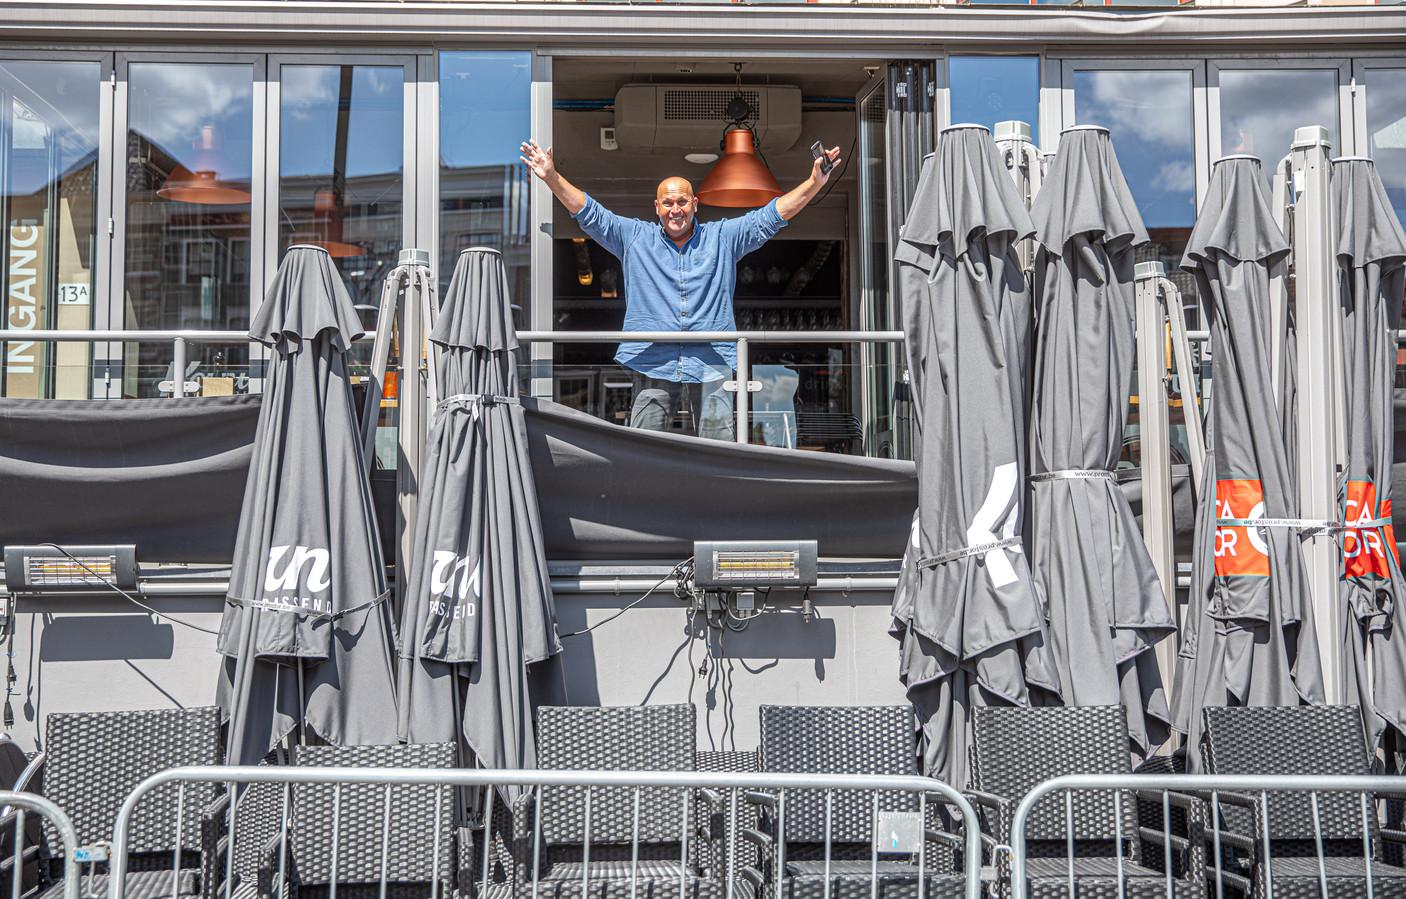 Mark Corporaal van Stadscafé Blij in Zwolle is er klaar voor:  maandag gaat hij weer open maar wel volgens de coronaregels.